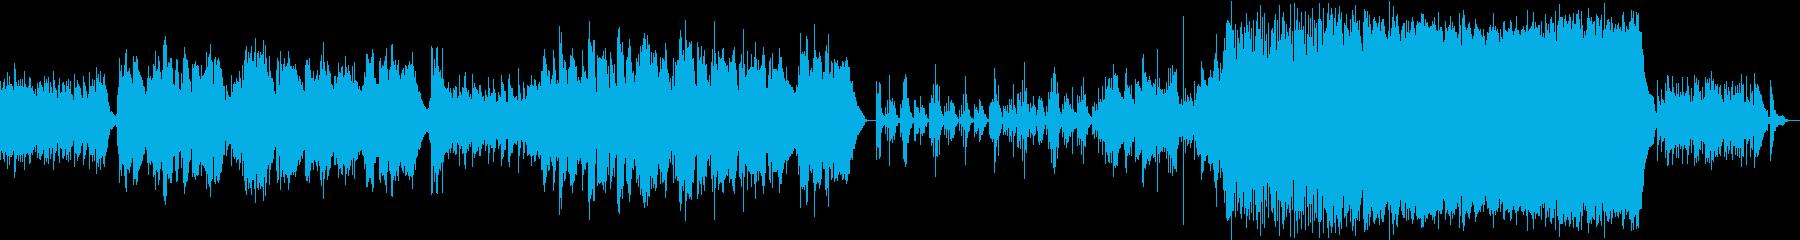 尺八が奏でるメロディーが美しいバラードの再生済みの波形